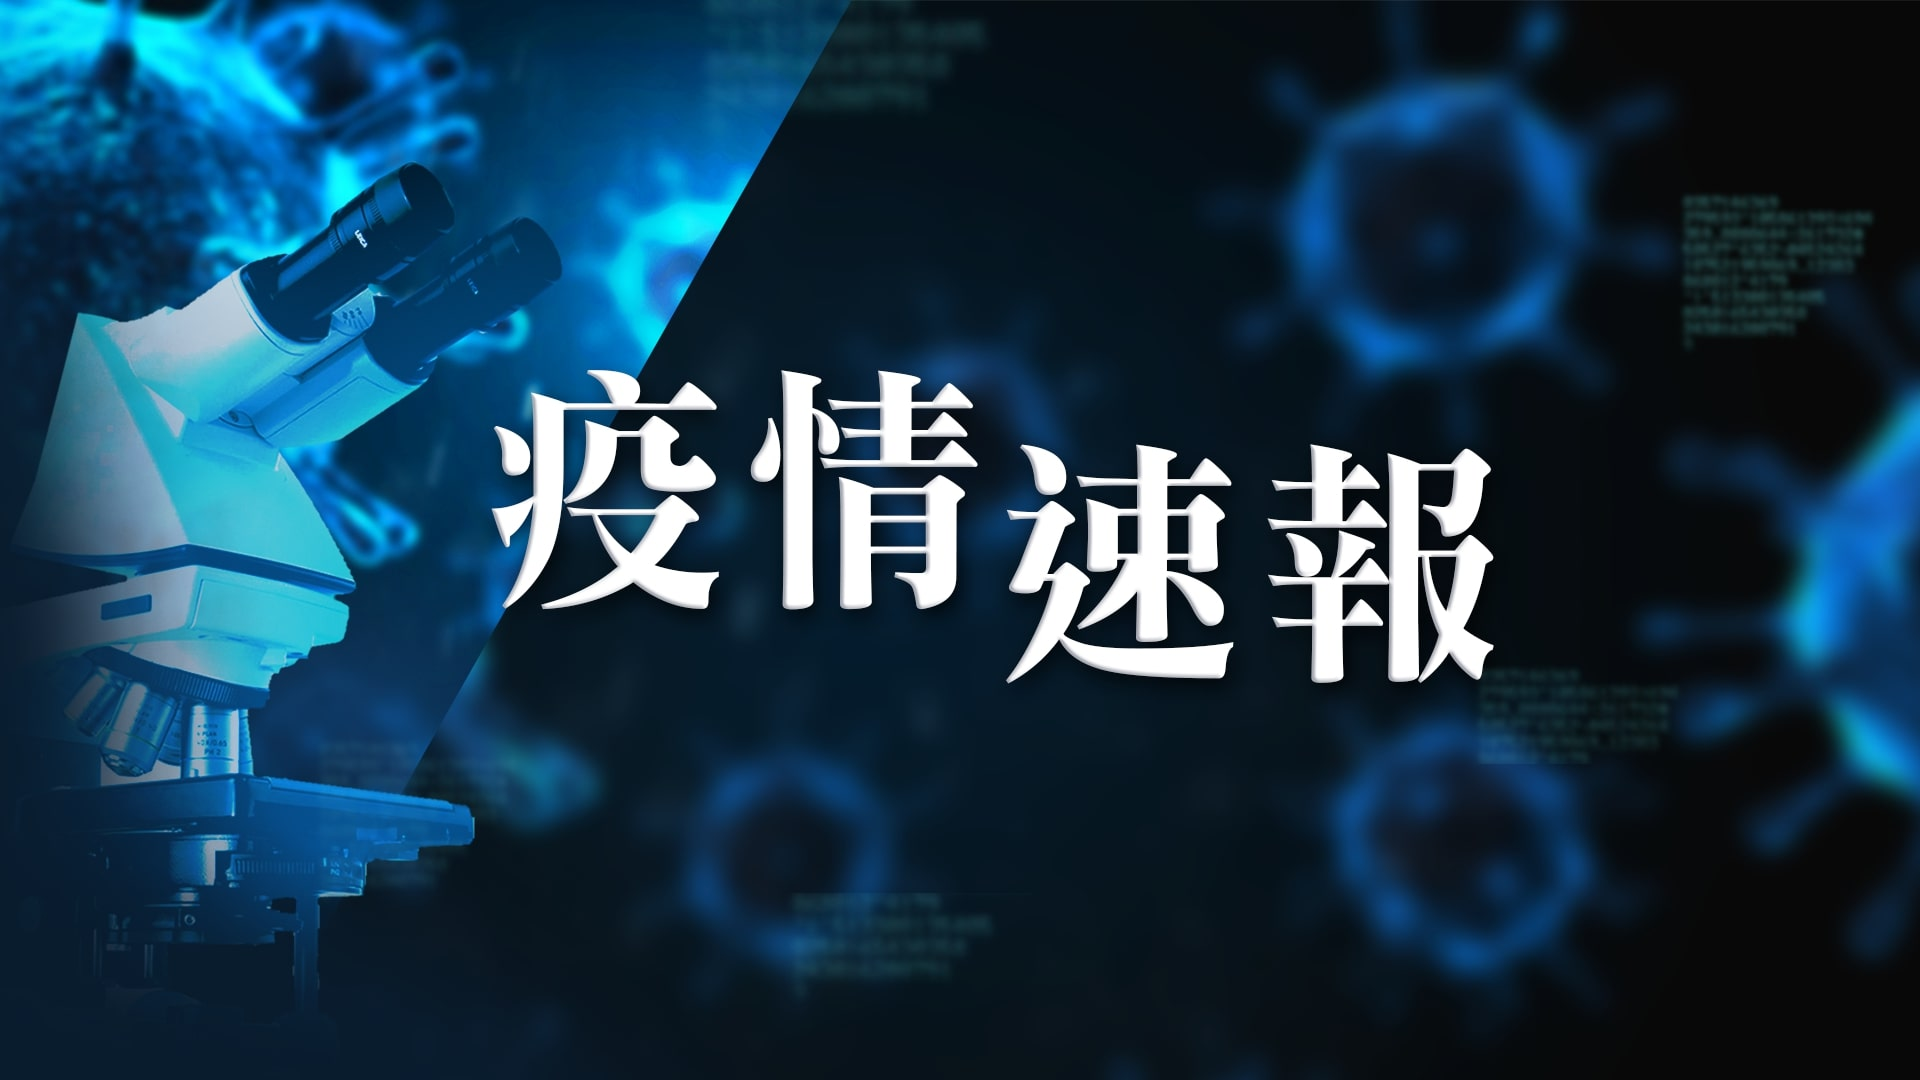 【6月30日疫情速報】(22:55)